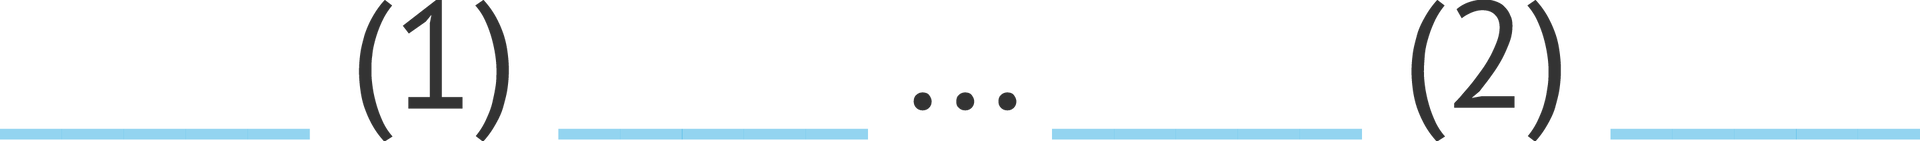 (G2.G.9) Zdania współrzędnie złożone; wykres zdania do ćwiczenia (A)